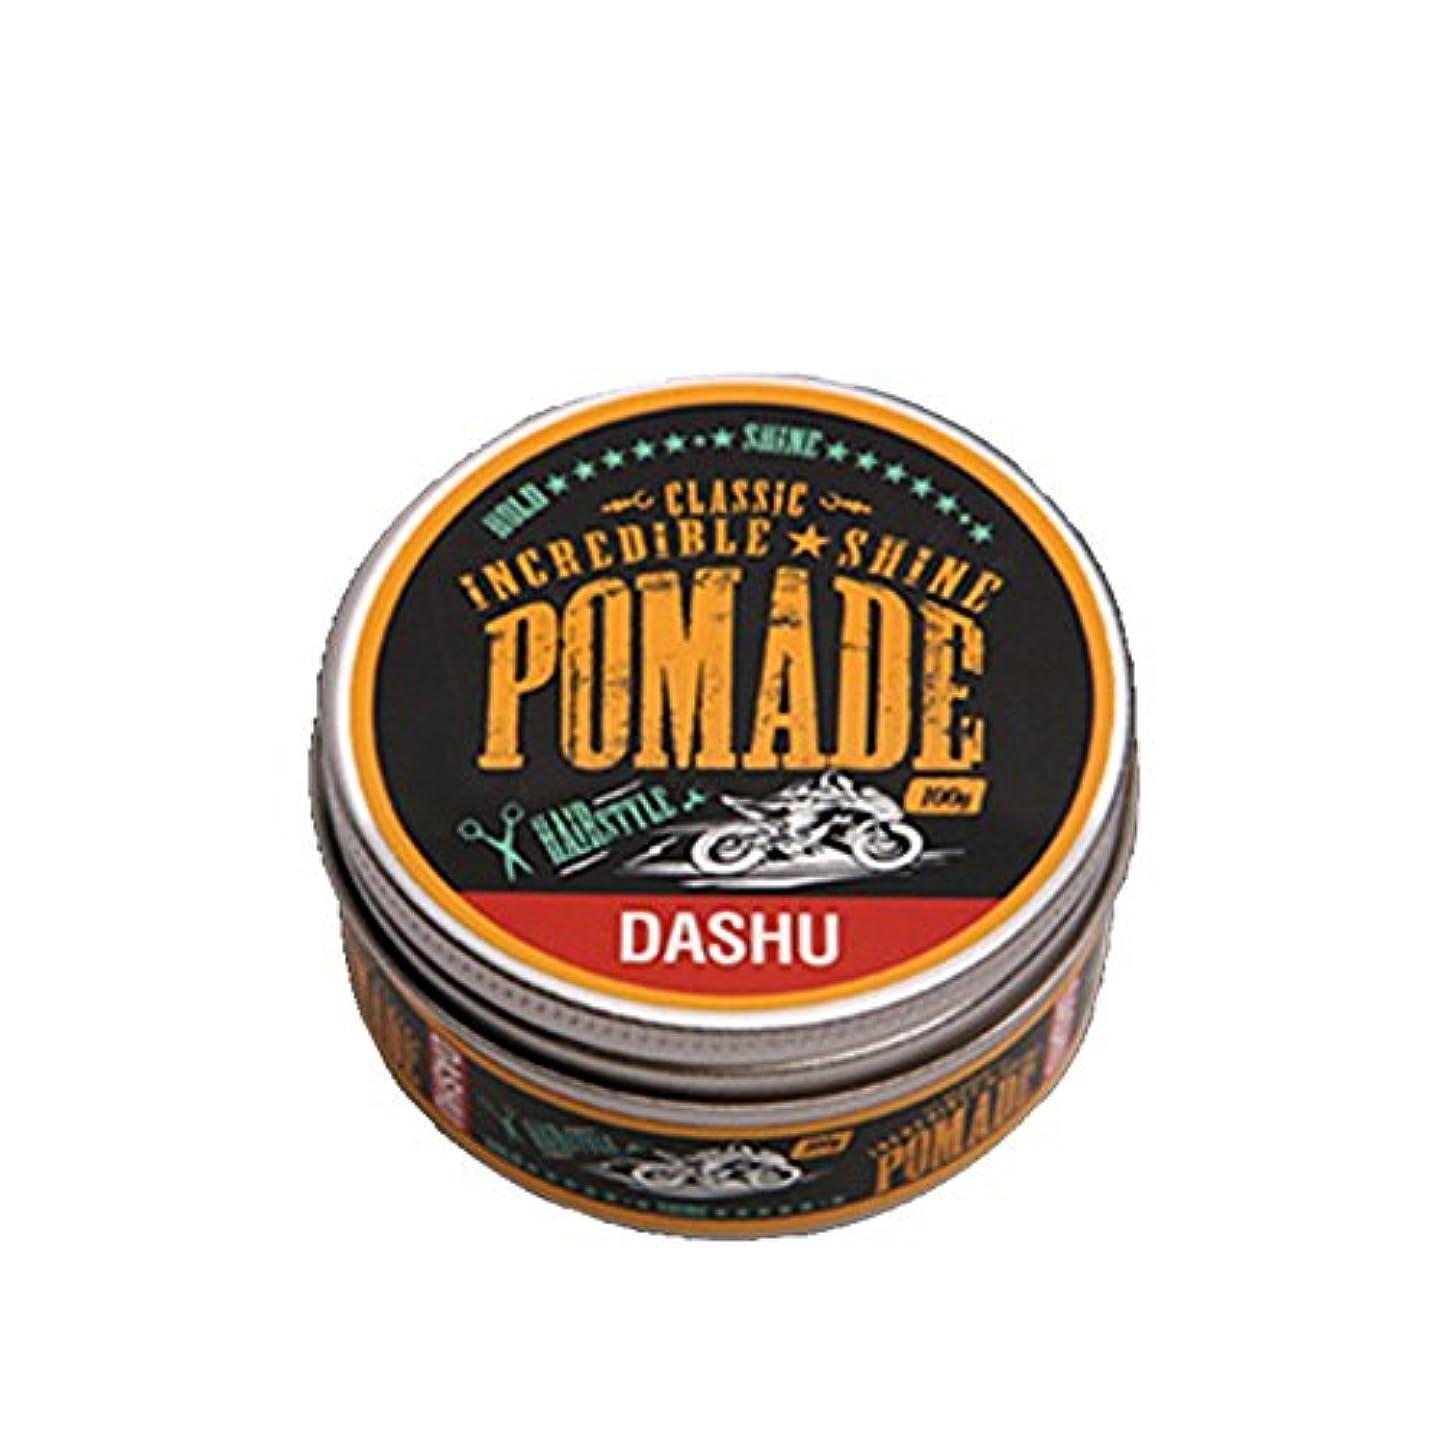 光餌熱狂的な[DASHU] ダシュ クラシック 信じられないほどの輝き ポマードワックス Classic Incredible Shine Pomade Hair Wax 100ml / 韓国製 . 韓国直送品